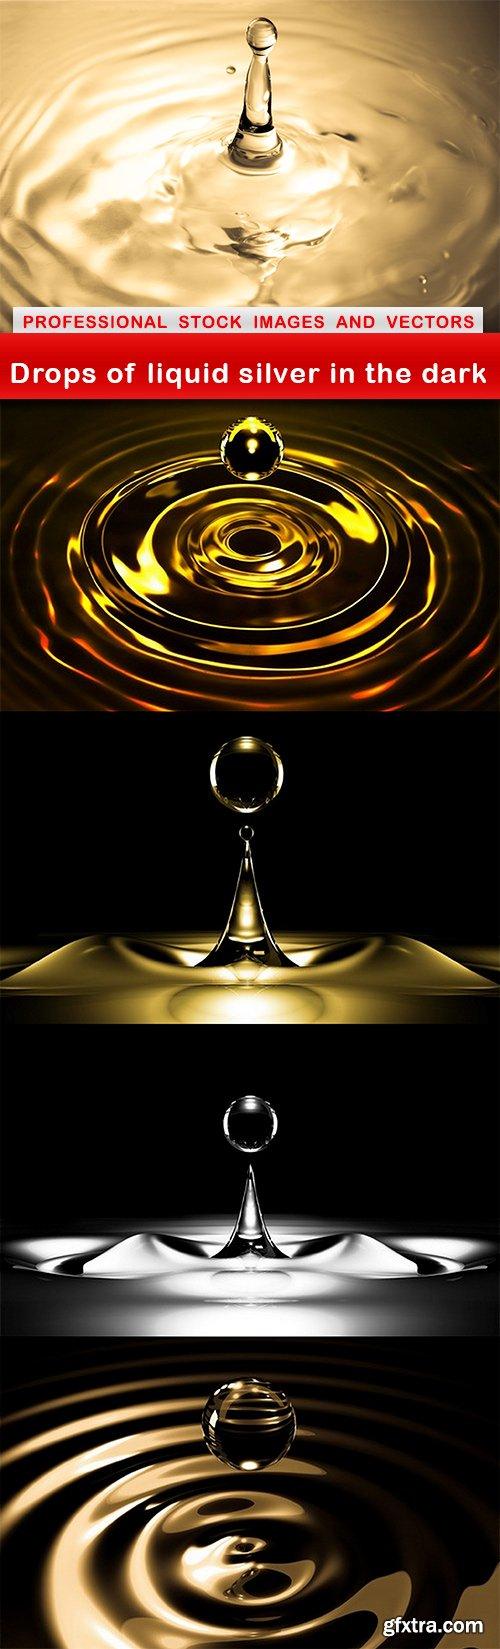 Drops of liquid silver in the dark - 5 UHQ JPEG